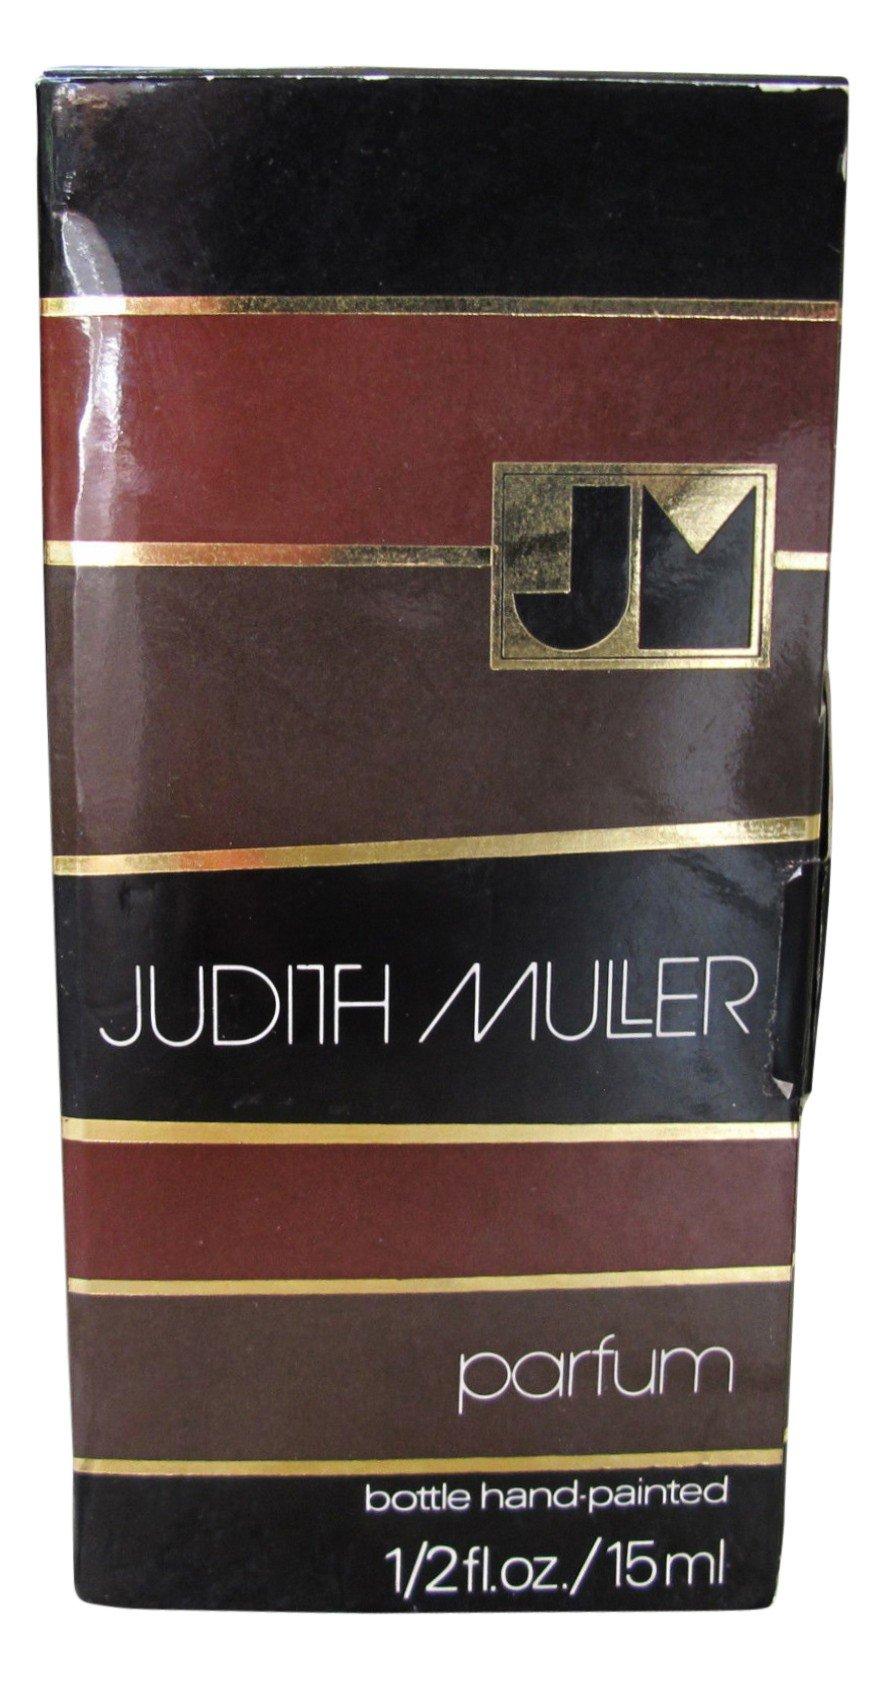 Muller Parfum